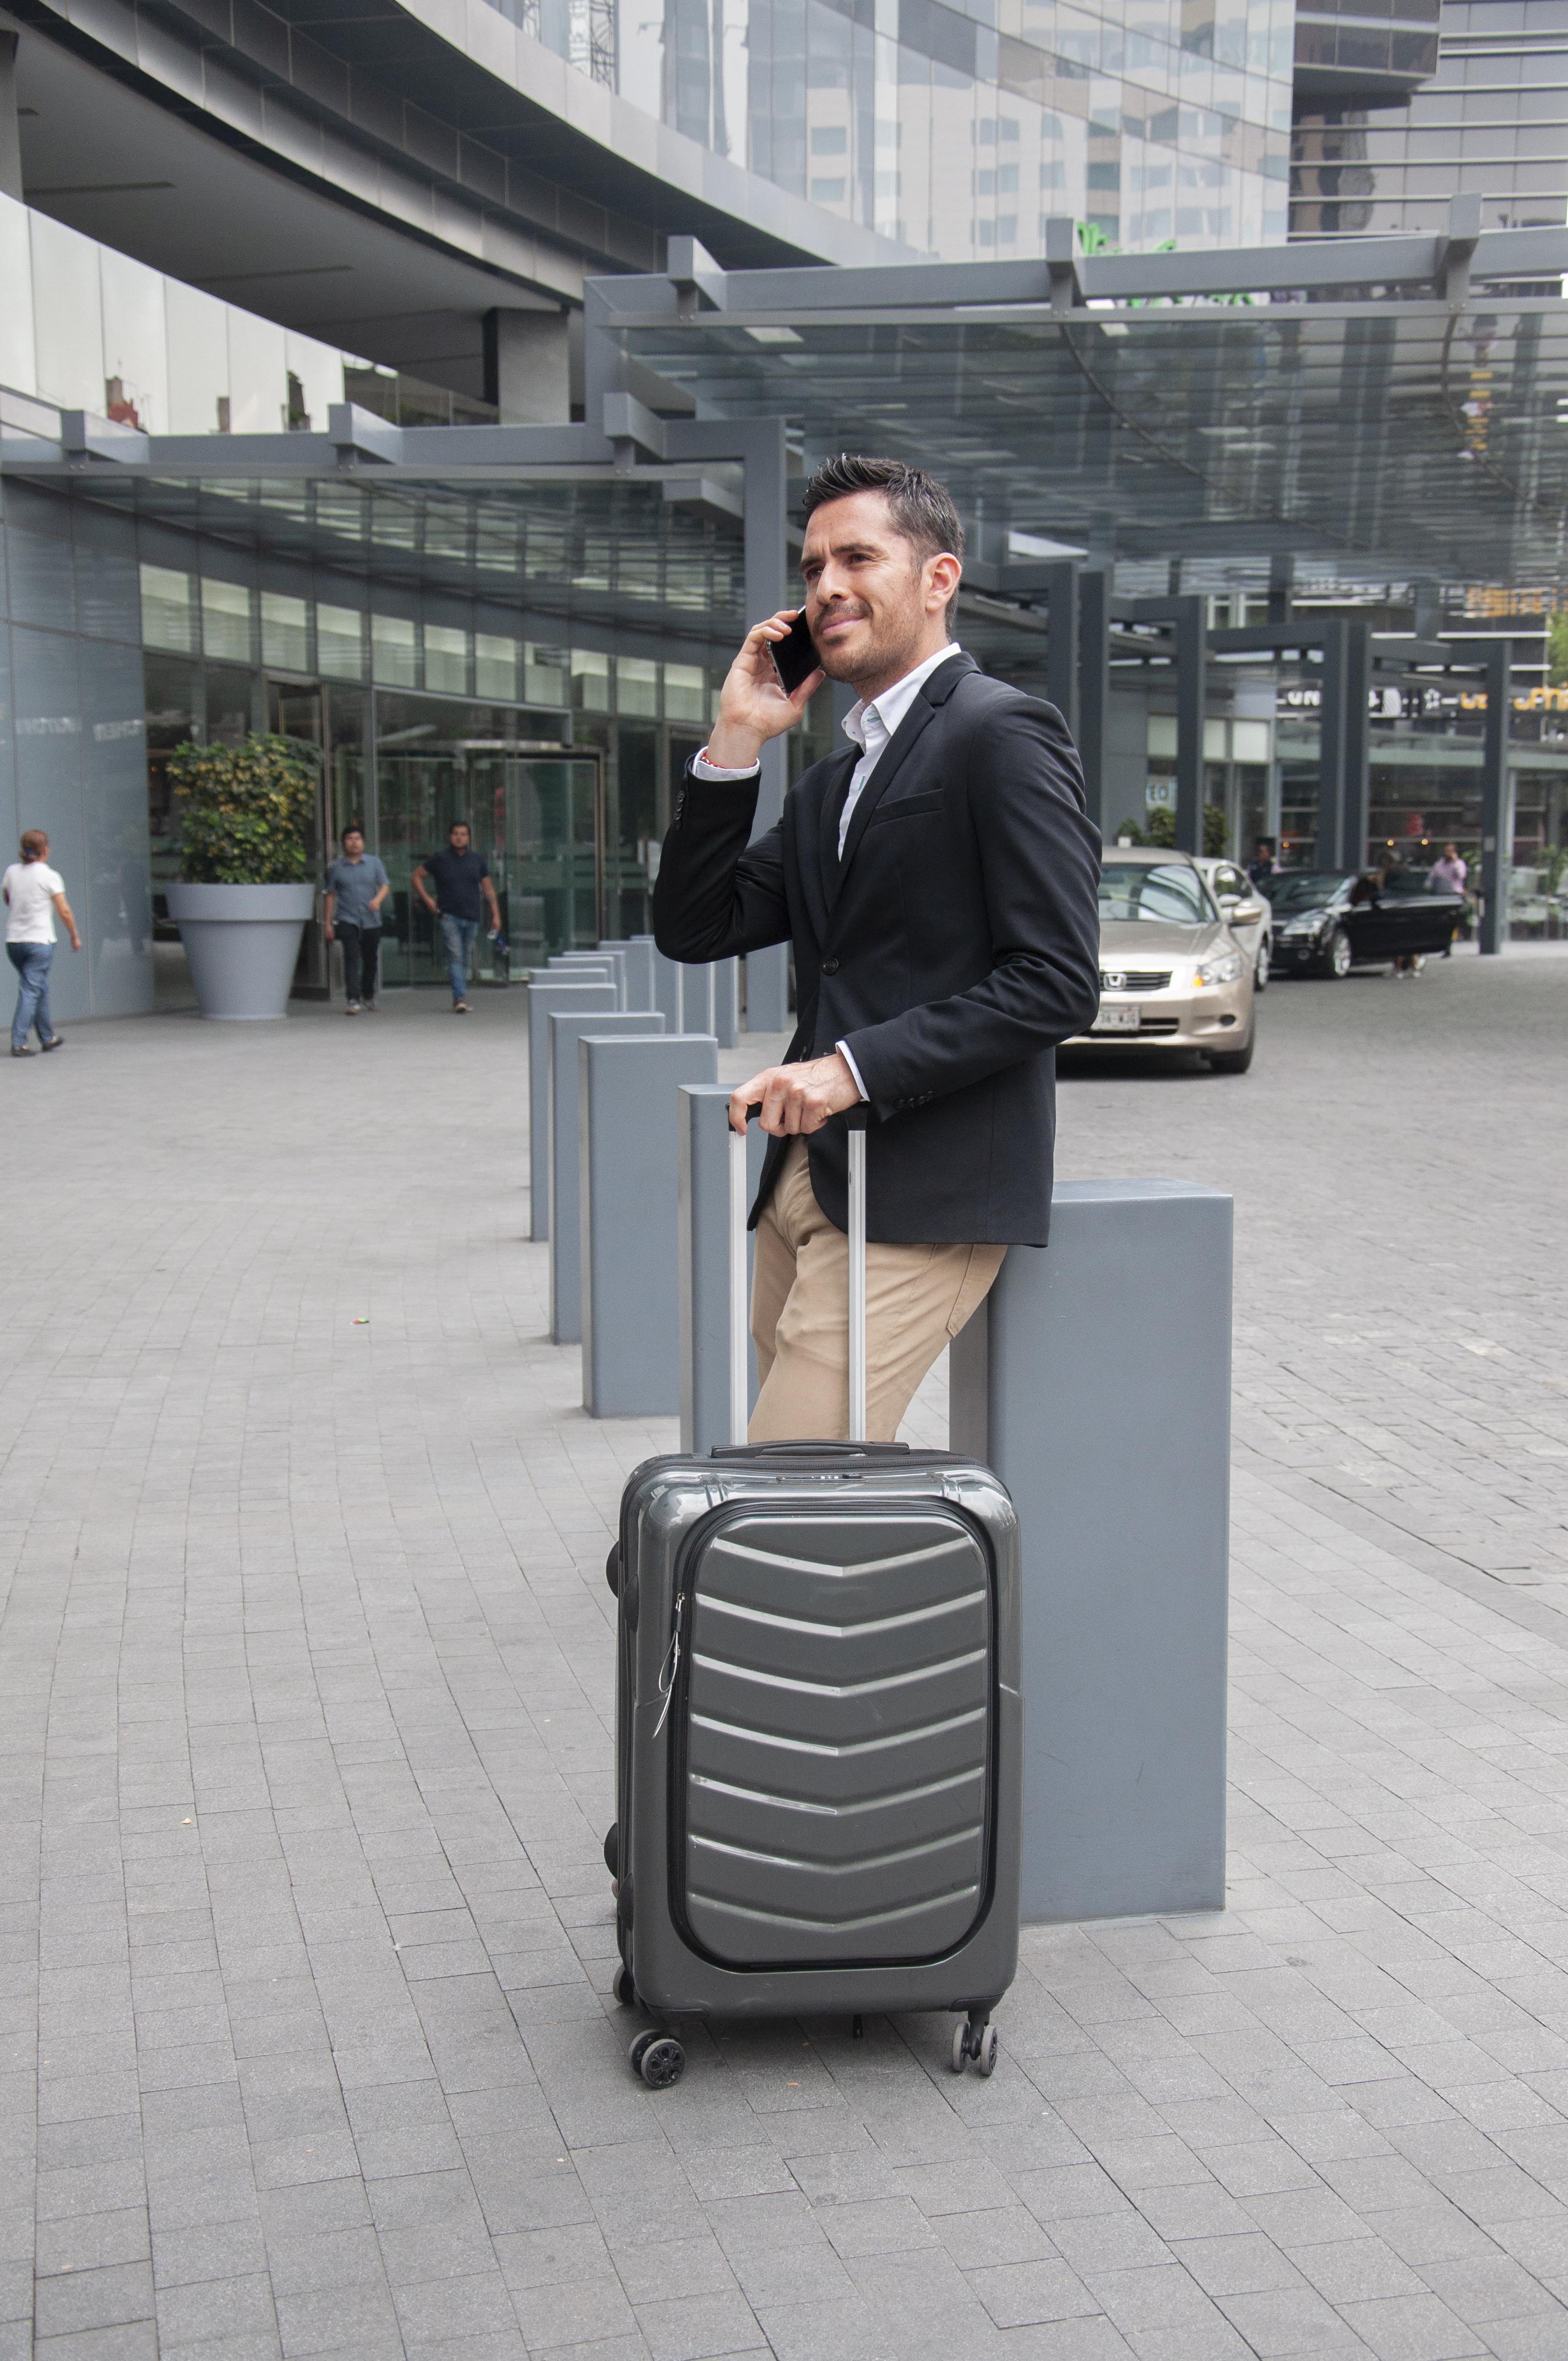 Amn Holding Luggage Bag